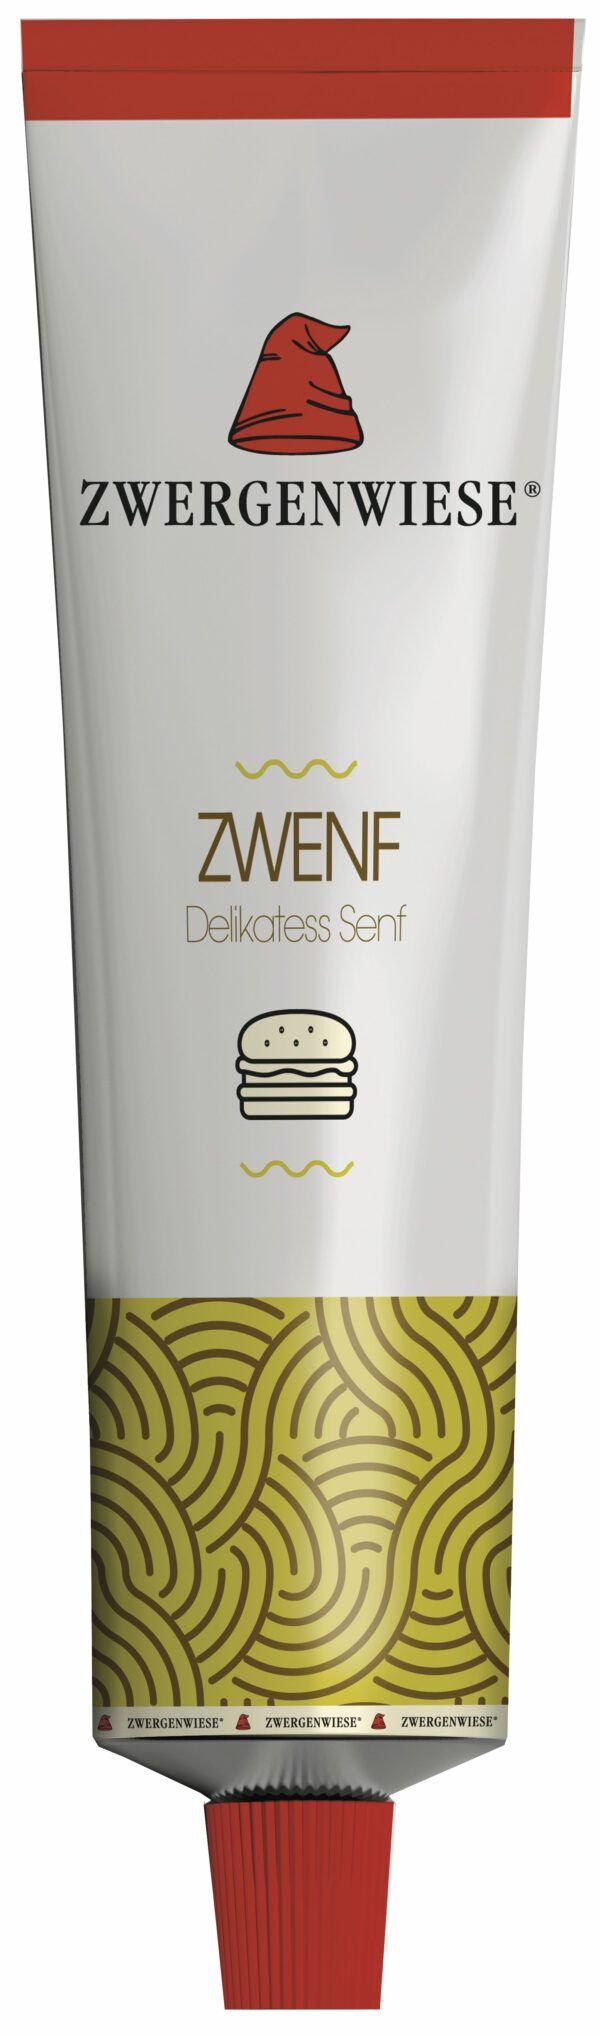 Zwergenwiese Zwenf Tube (Delikatess Senf) 6x200ml